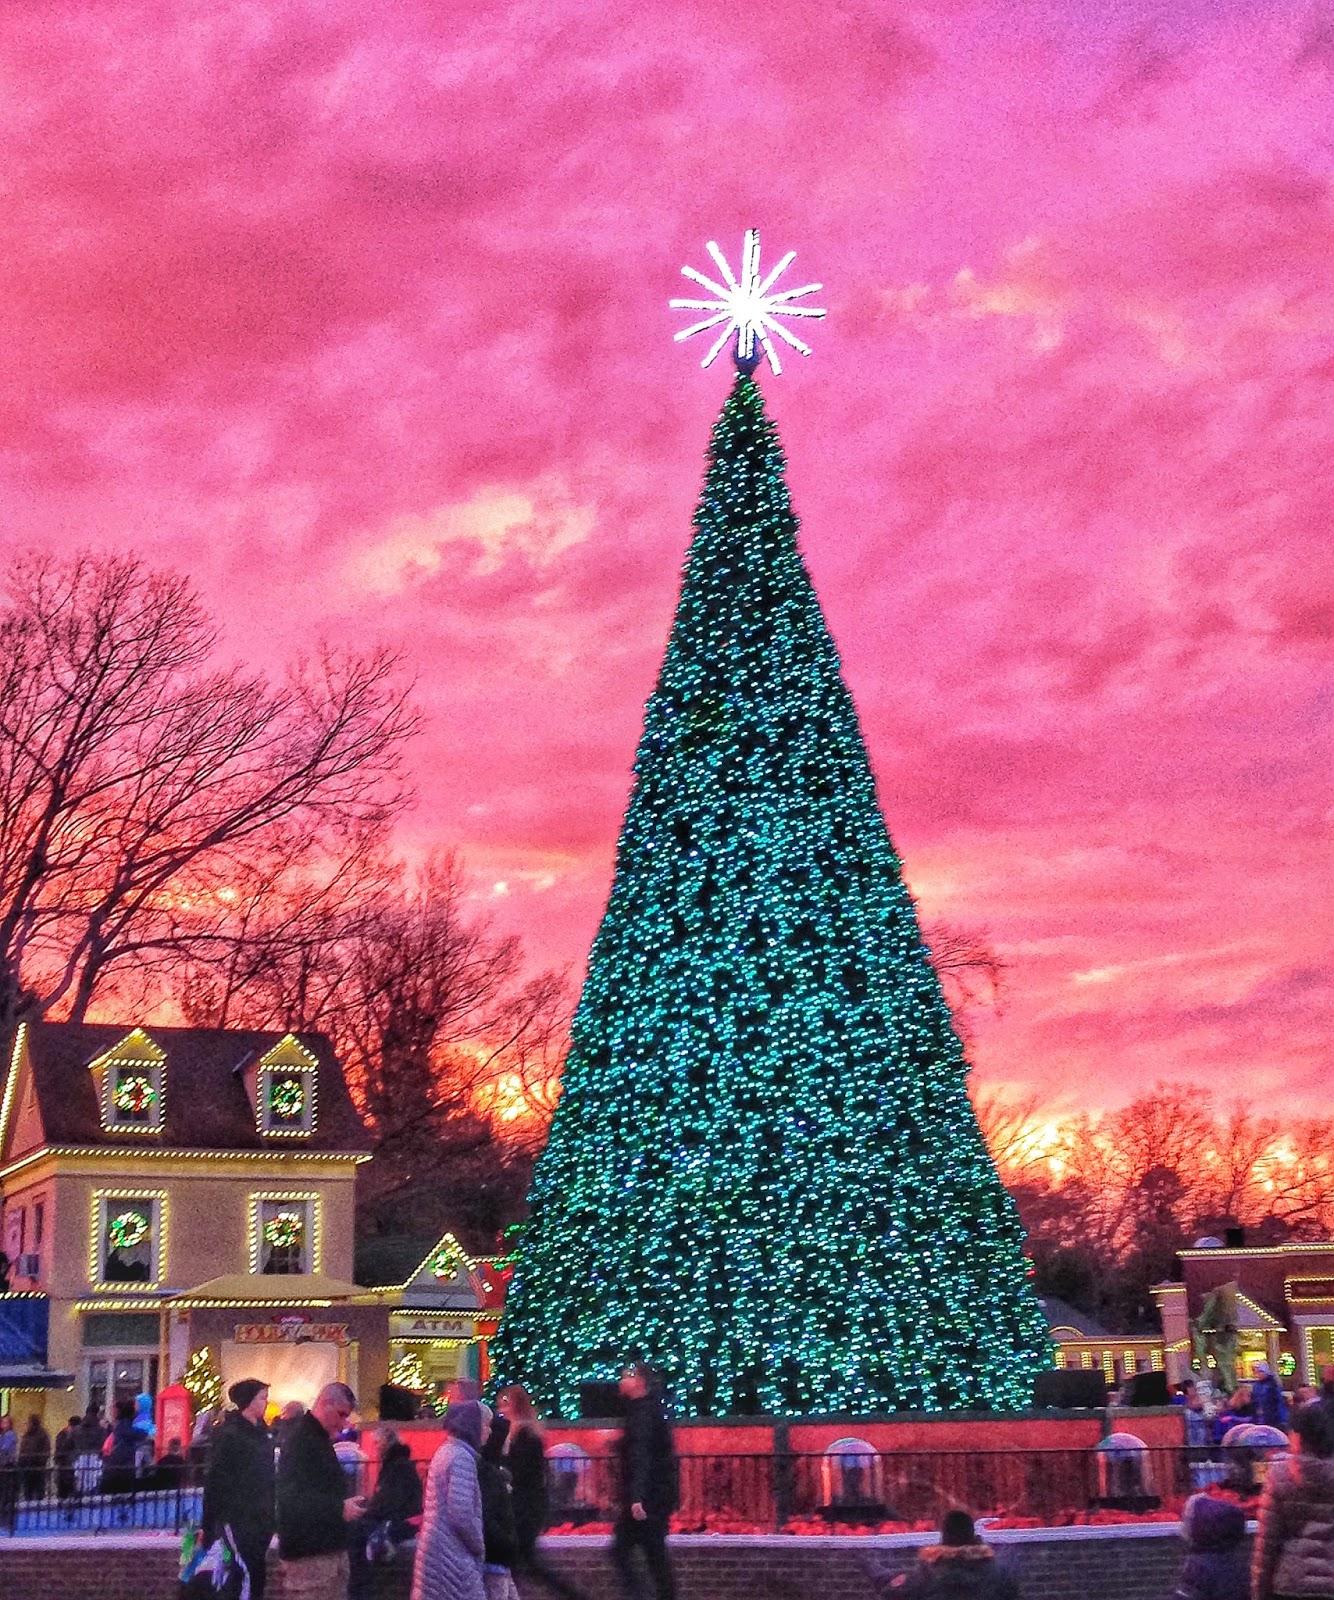 Travel, Run, Live: Santa Run 5k recap - Six Flags Holiday in the Park